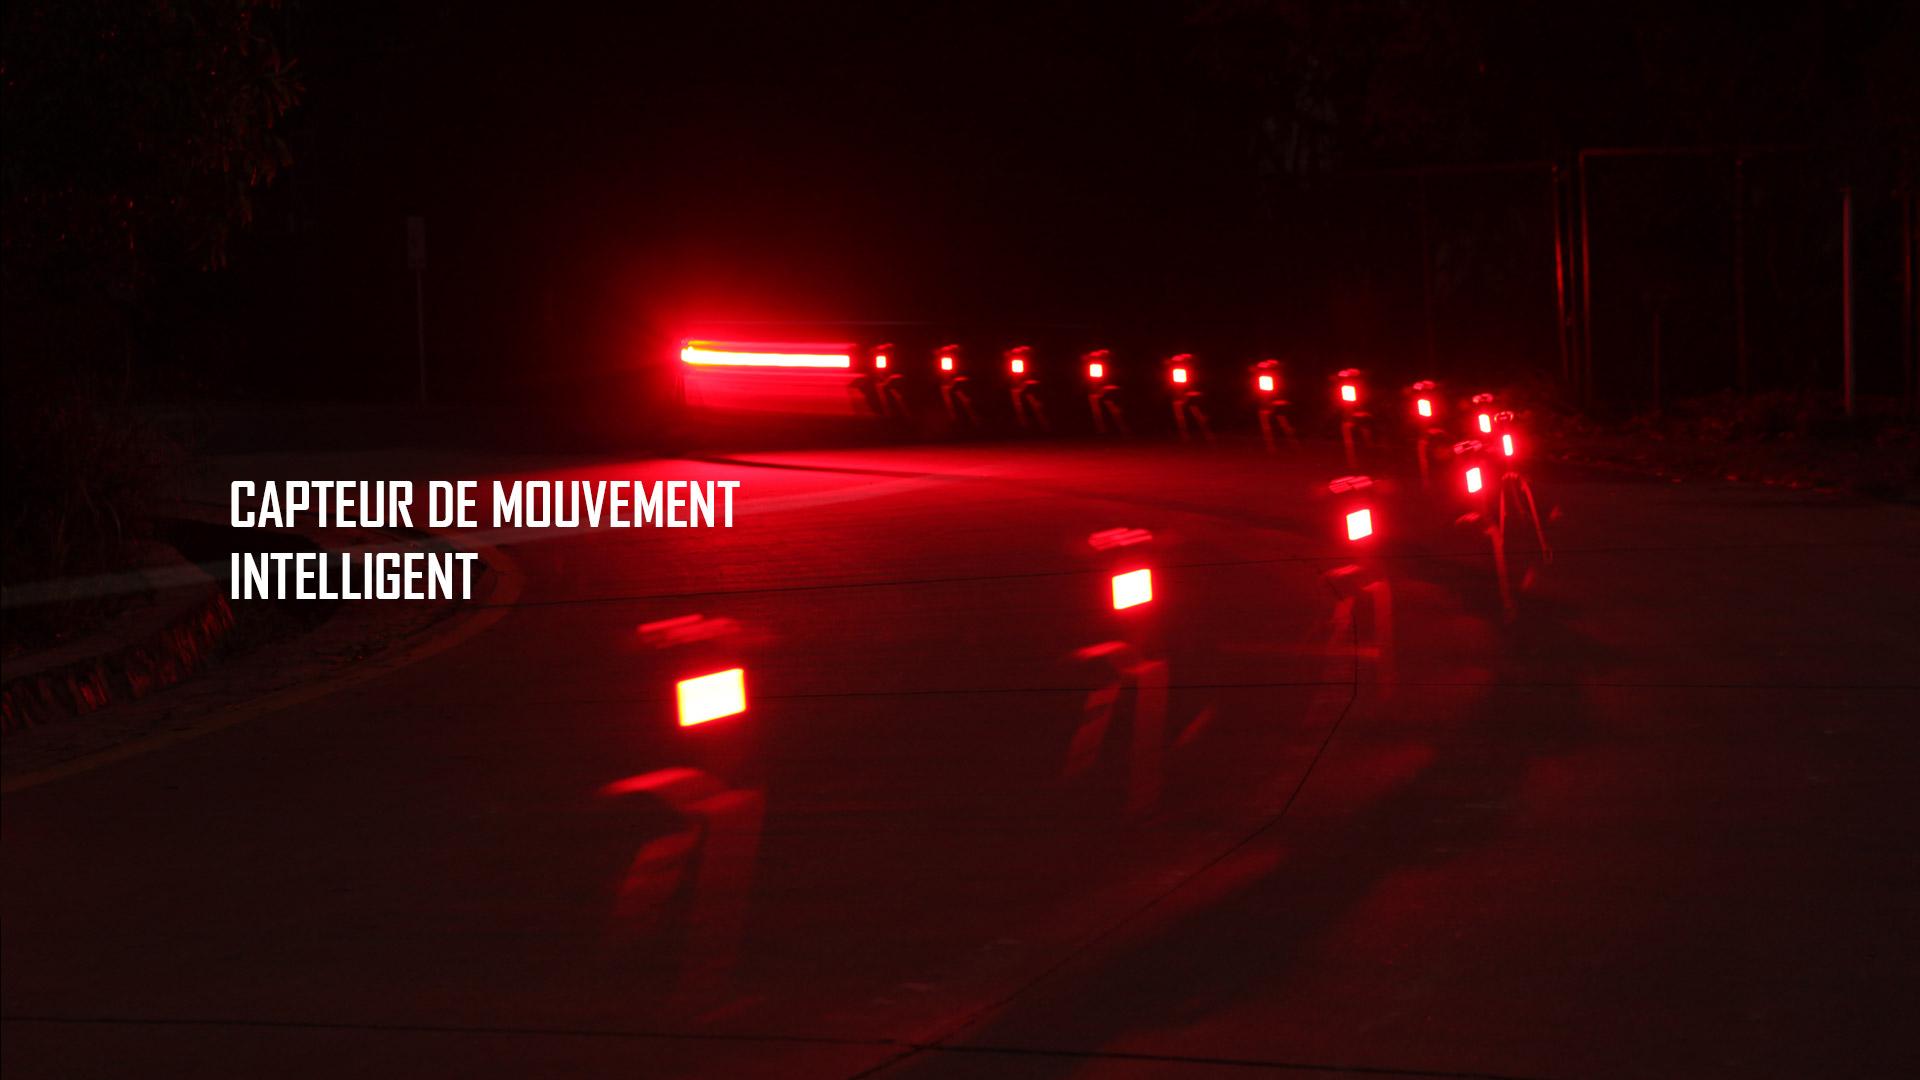 Capteur de mouvement intelligent lampe arrière vélo